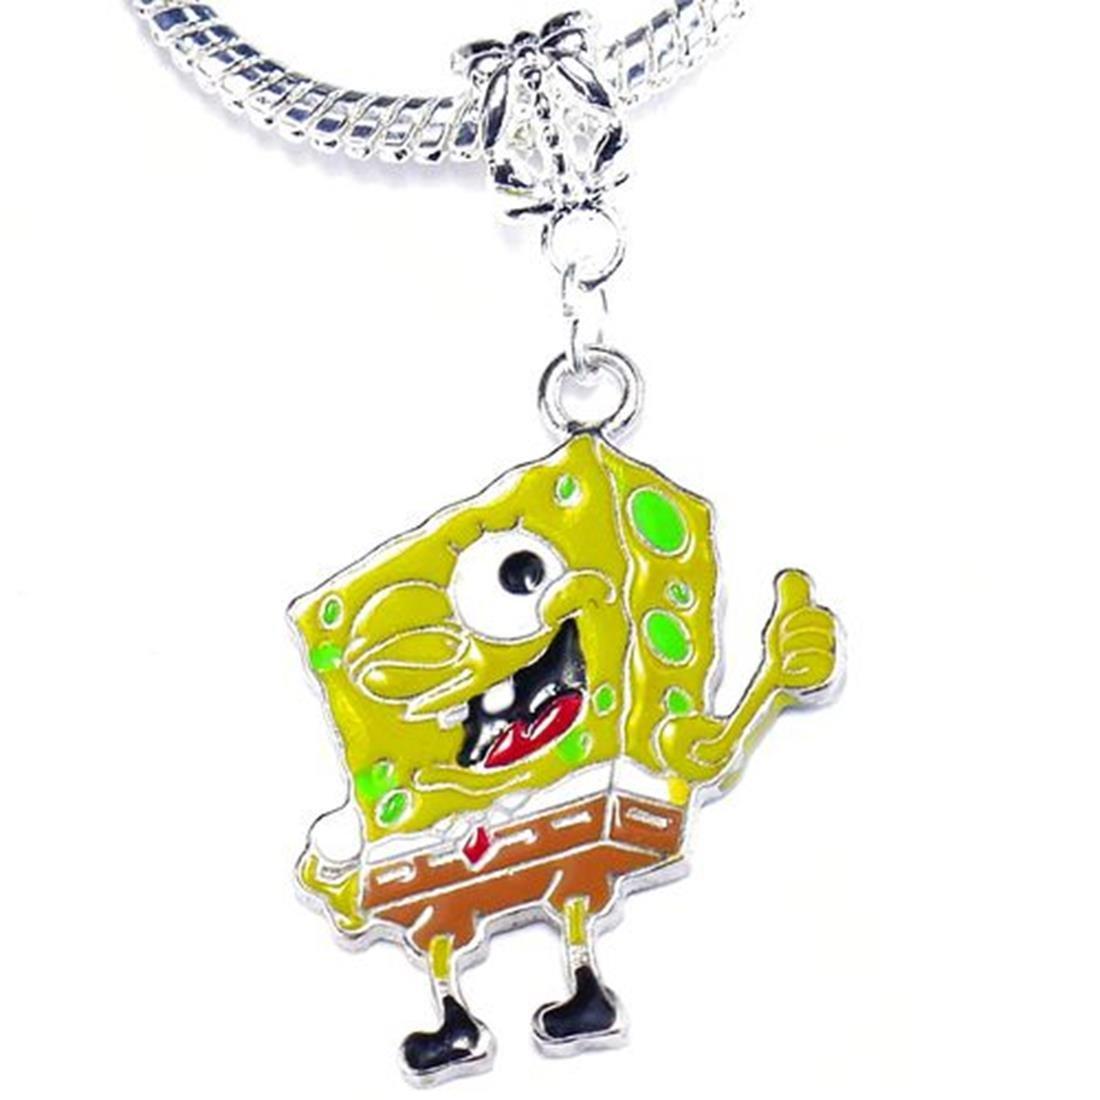 Charm Buddy Bob l'Eponge Pendentif charm pour Charm Bracelets pour femmes filles Bijoux Enfants Charm Buddy ® CBY: /#845